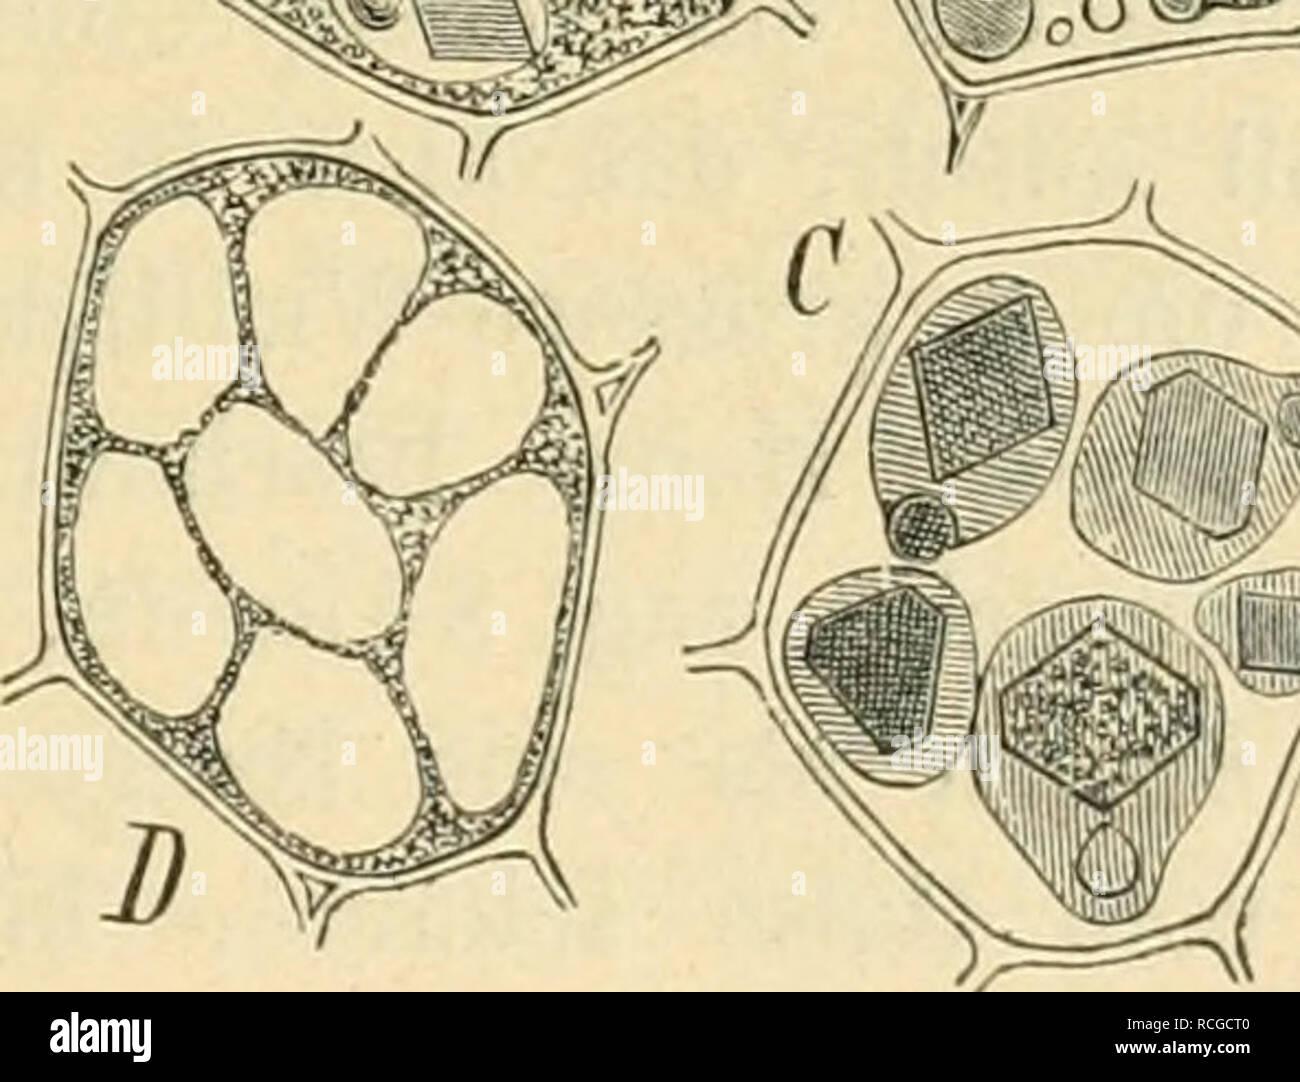 . Die rohstoffe des pflanzenreiches; versuch einer technischen rohstofflehre des pflanzenreiches. Botany, Economic; Materia medica, Vegetable. Zweiundzwanzigster Abschnitt. Samen. 753 lichtbräunlich gefleckte Samenschale. Samen von Ricinus viridis vom Congo sind nach Wiesner 9 mm lang, 6 mm breit, durch einen schwärz- lichen Nabel und eine grünlichbraune Samenschale mit reichlichen licht- grauen Flecken gekennzeichnet. Die pergamentartige, spröde Samenschale, von der sich auf der In- nenseite eine dünne, weissliche Schicht ablösen lässt, umschliesst ein mächtiges, öligfleischiges, weisses Endo - Stock Image